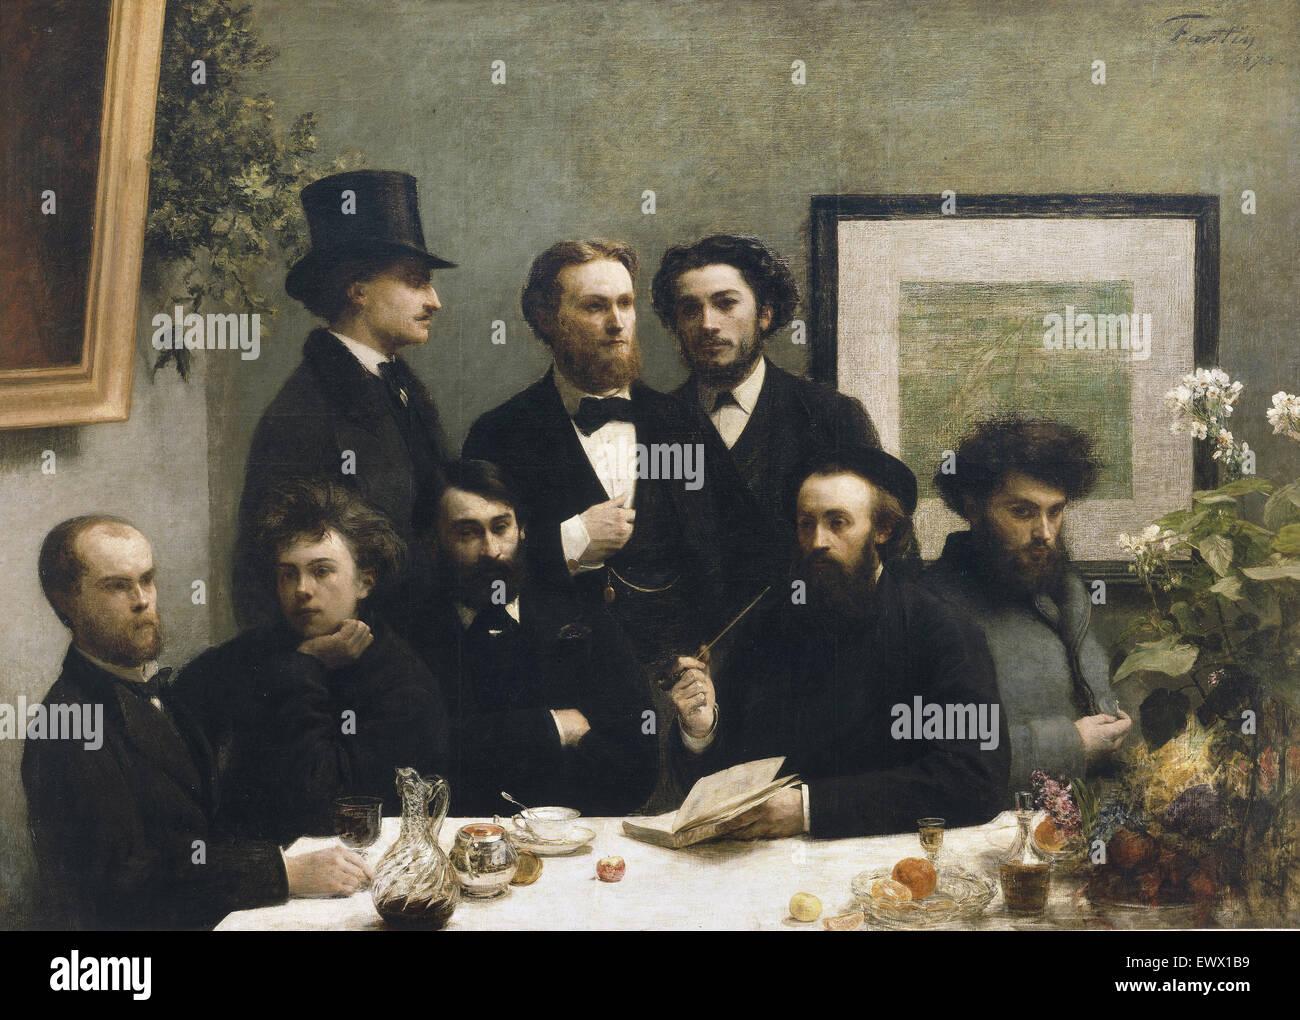 Henri Fantin-Latour, vom Tisch 1872 Öl auf Leinwand. Musée d ' Orsay, Paris, Frankreich. Stockbild